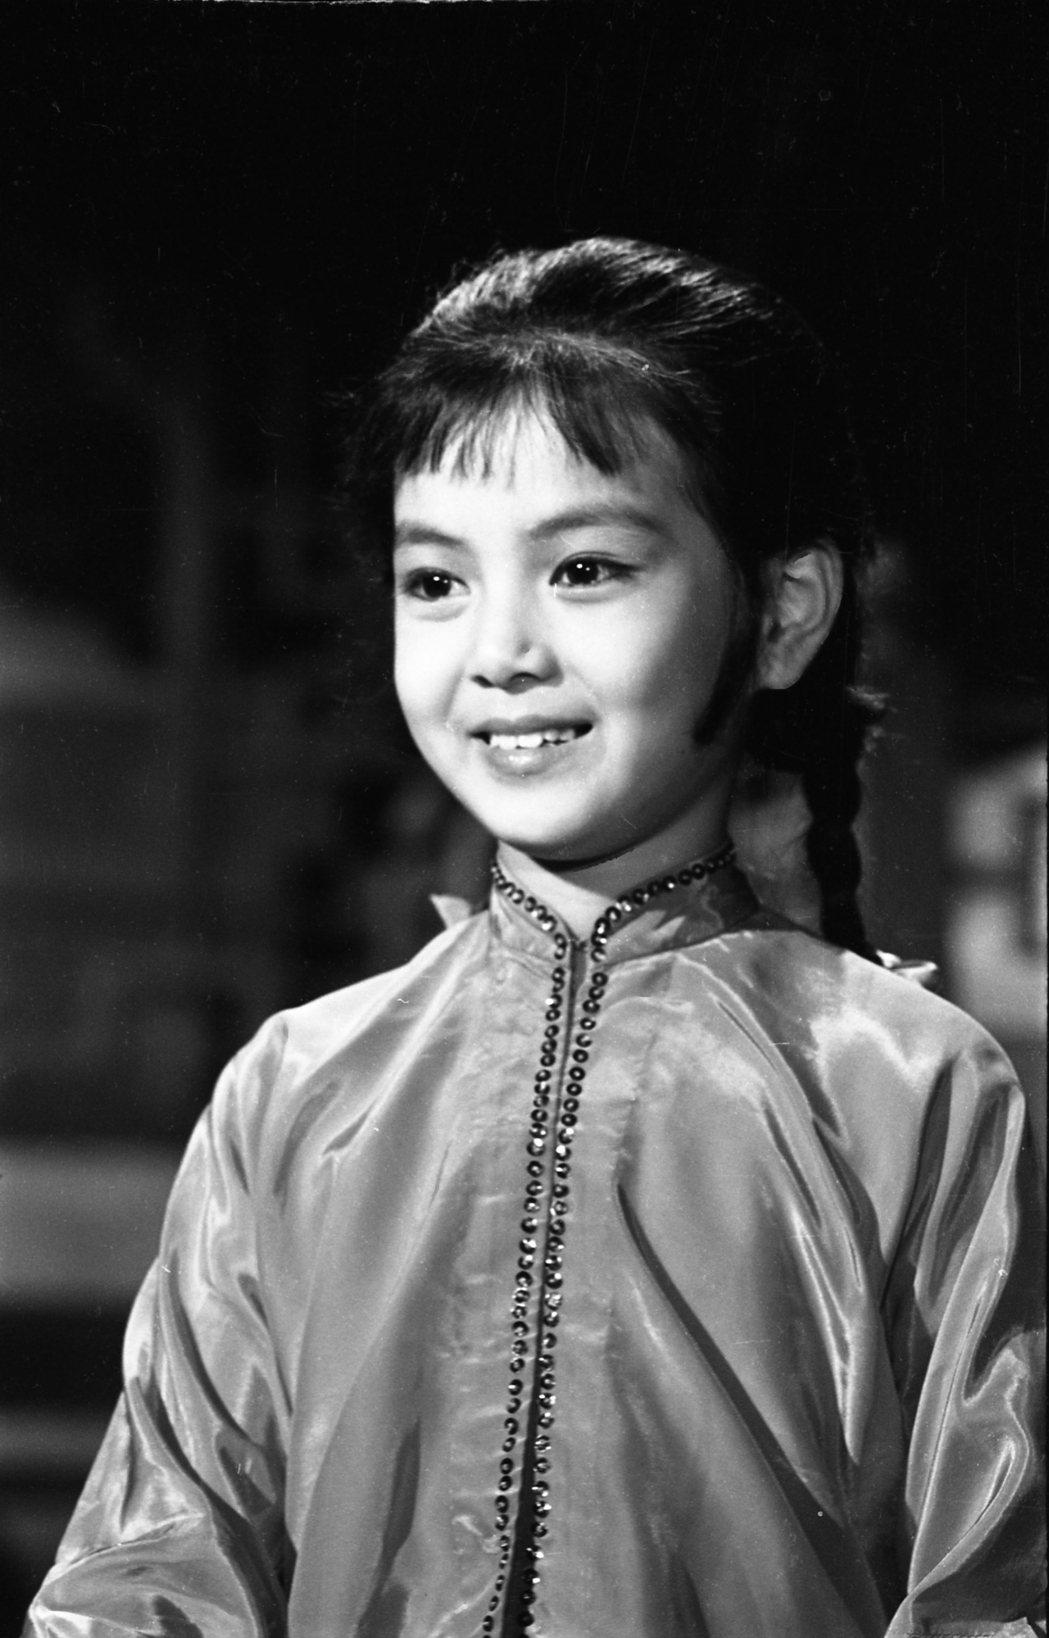 謝玲玲曾連莊奪下兩屆金馬獎最佳童星獎。圖/聯合報系資料照